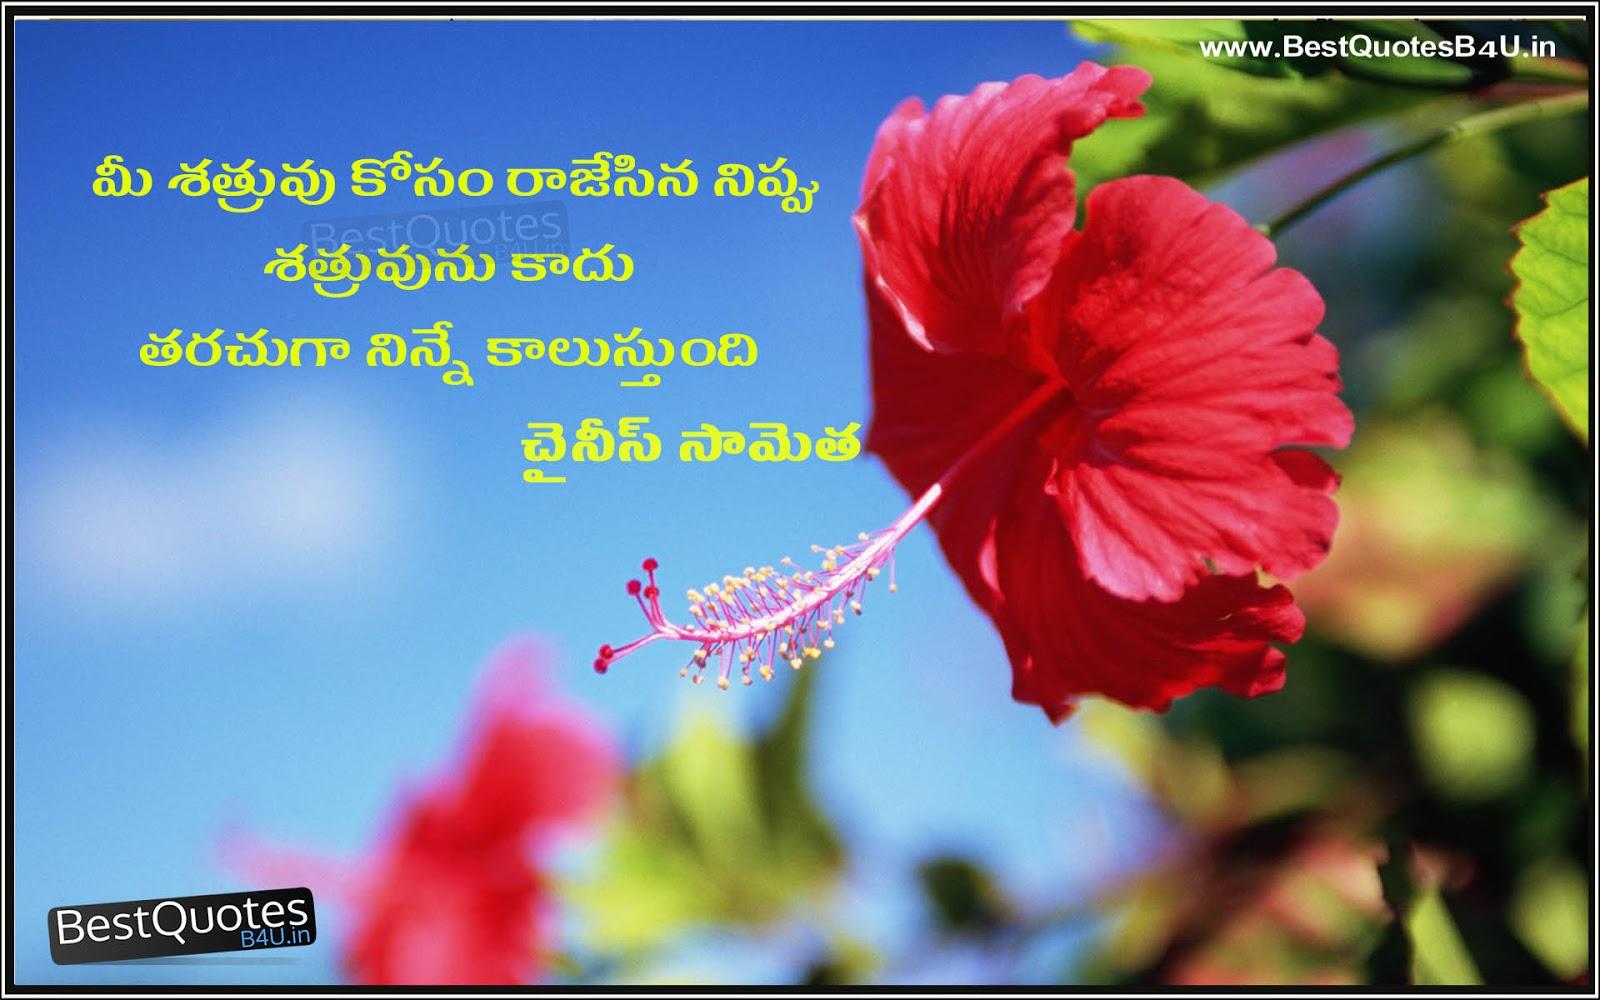 Best Quotes On Attitude In Telugu